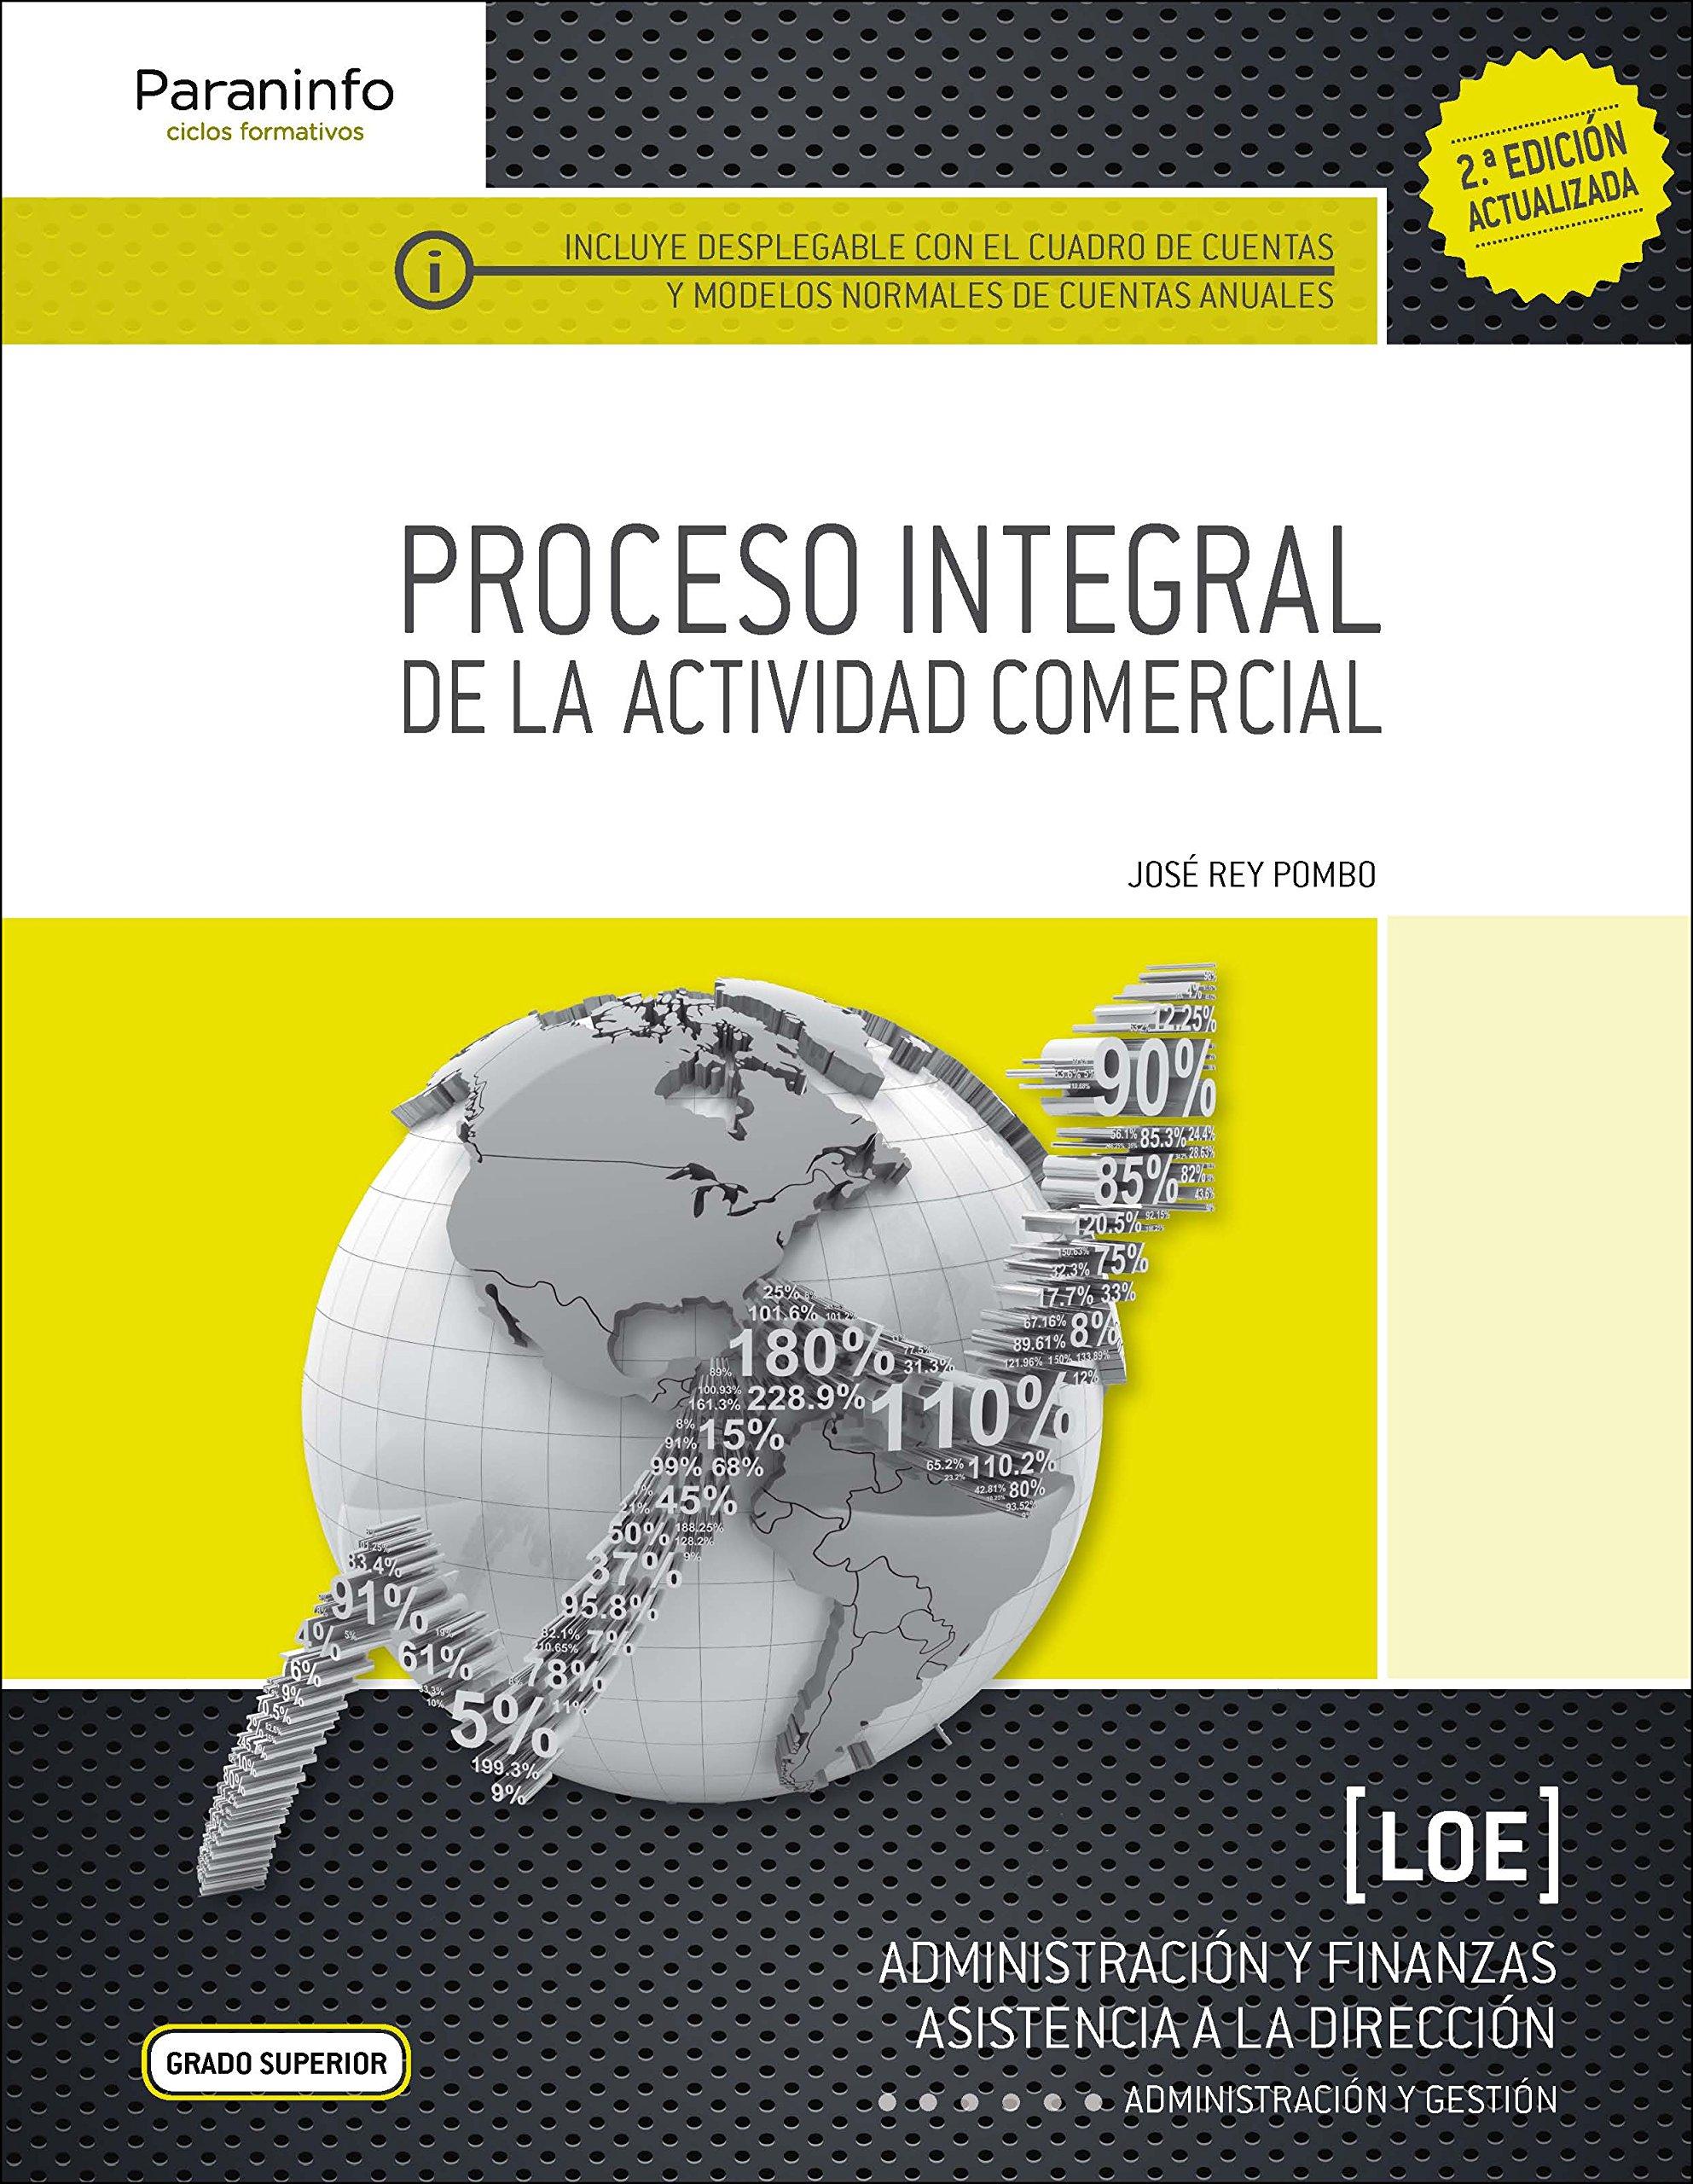 Proceso integral de la actividad comercial 2.ª edición Tapa blanda – 14 jul 2016 JOSE REY POMBO Ediciones Paraninfo S.A 8428334633